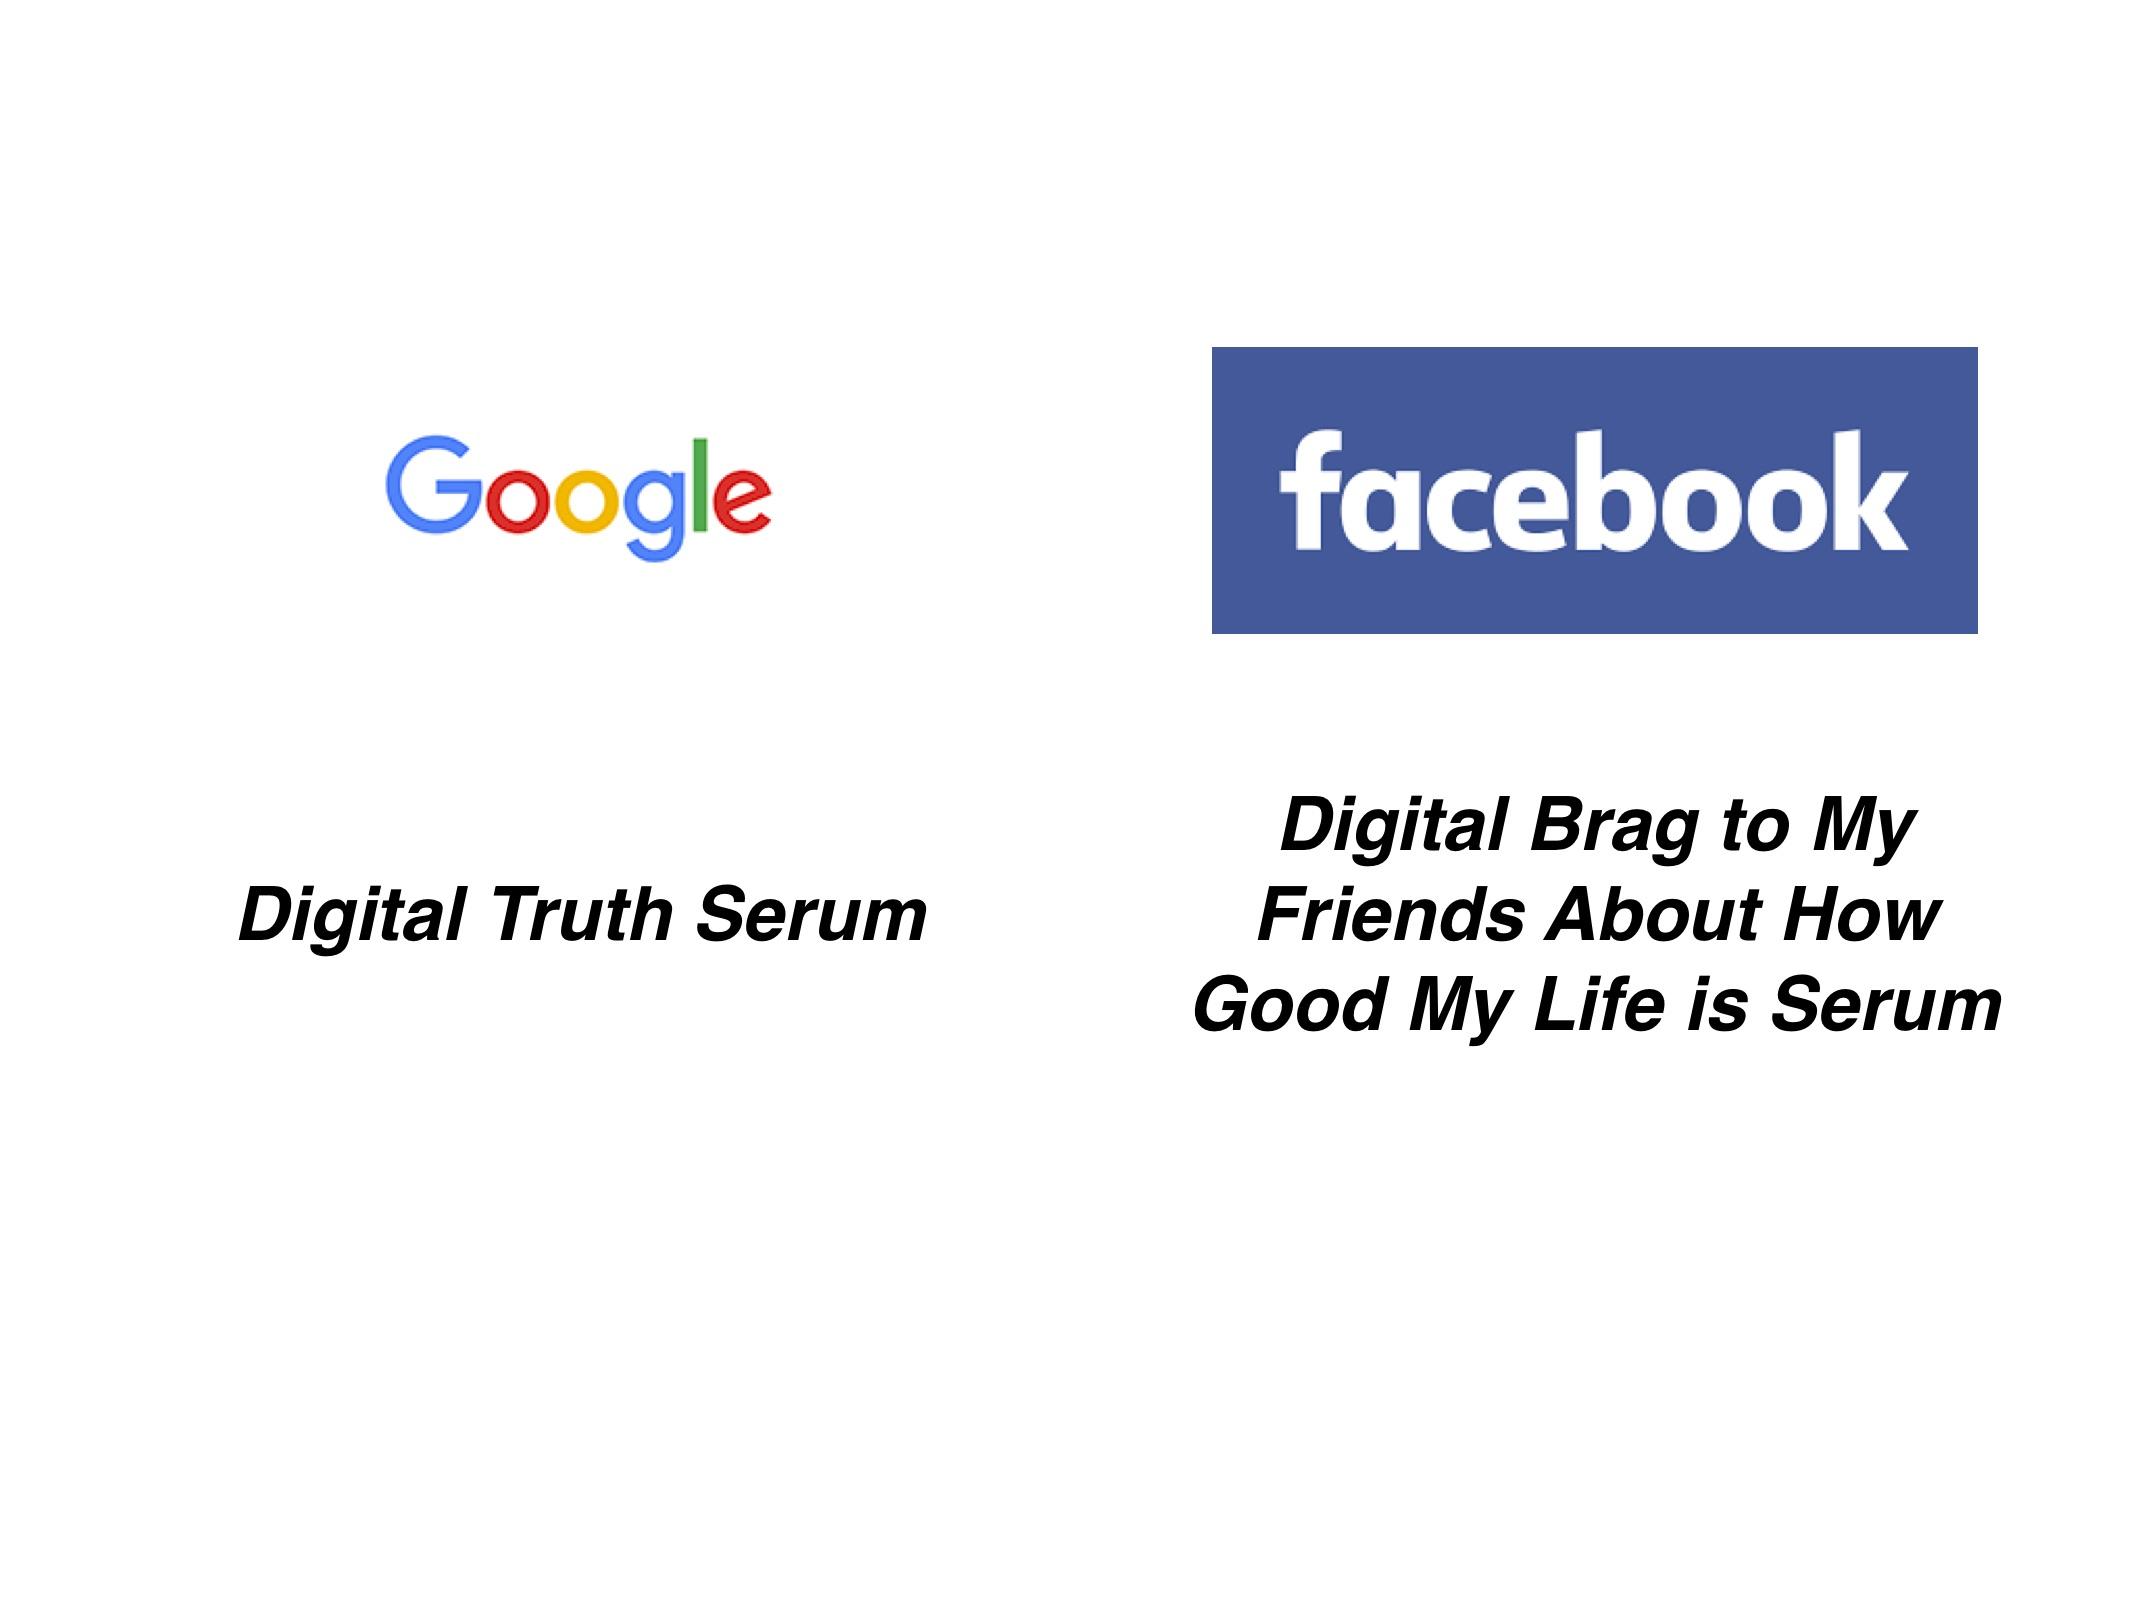 Google— цифровая сыворотка правды. Facebook— цифровая сыворотка «похвастаться-перед-друзьями-что-у-меня-всё-хорошо». || Фото: слайд из презентации Сета.